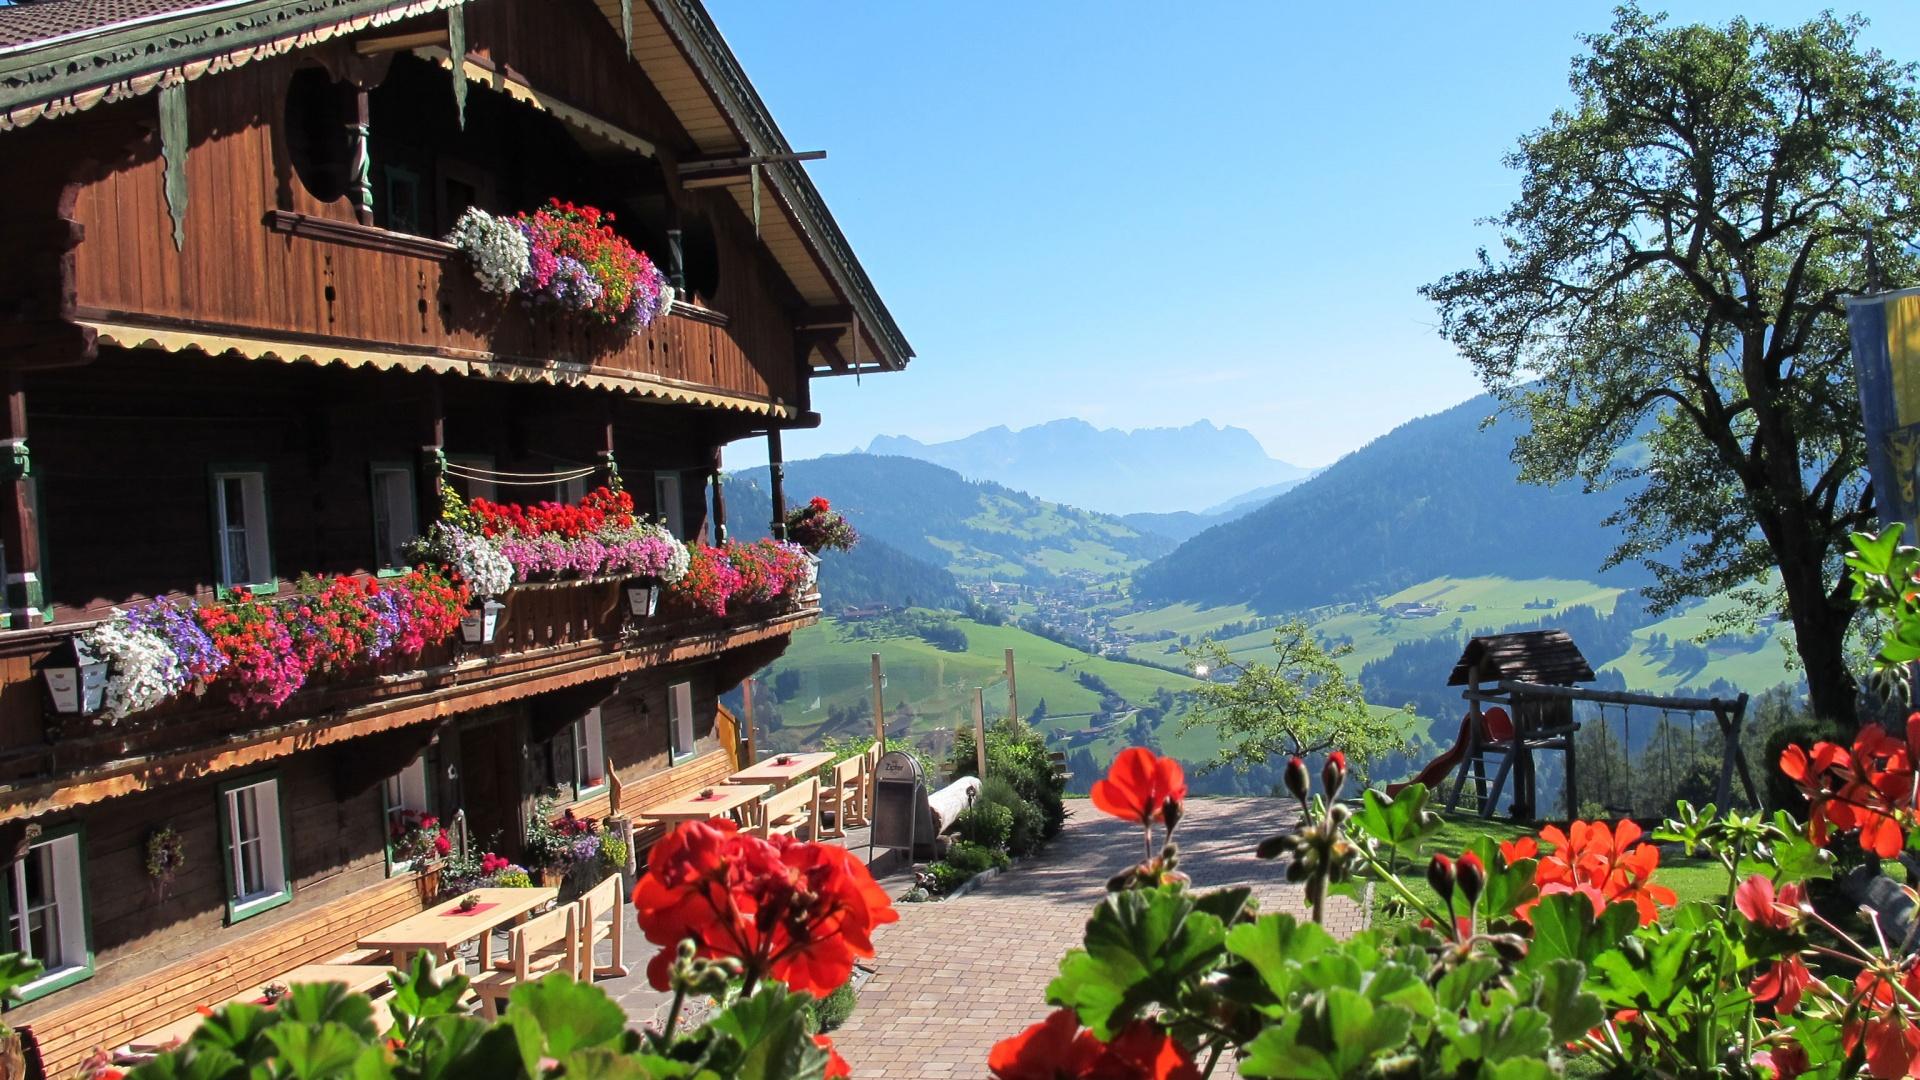 A traditional building in Wildschoenau, Tirol